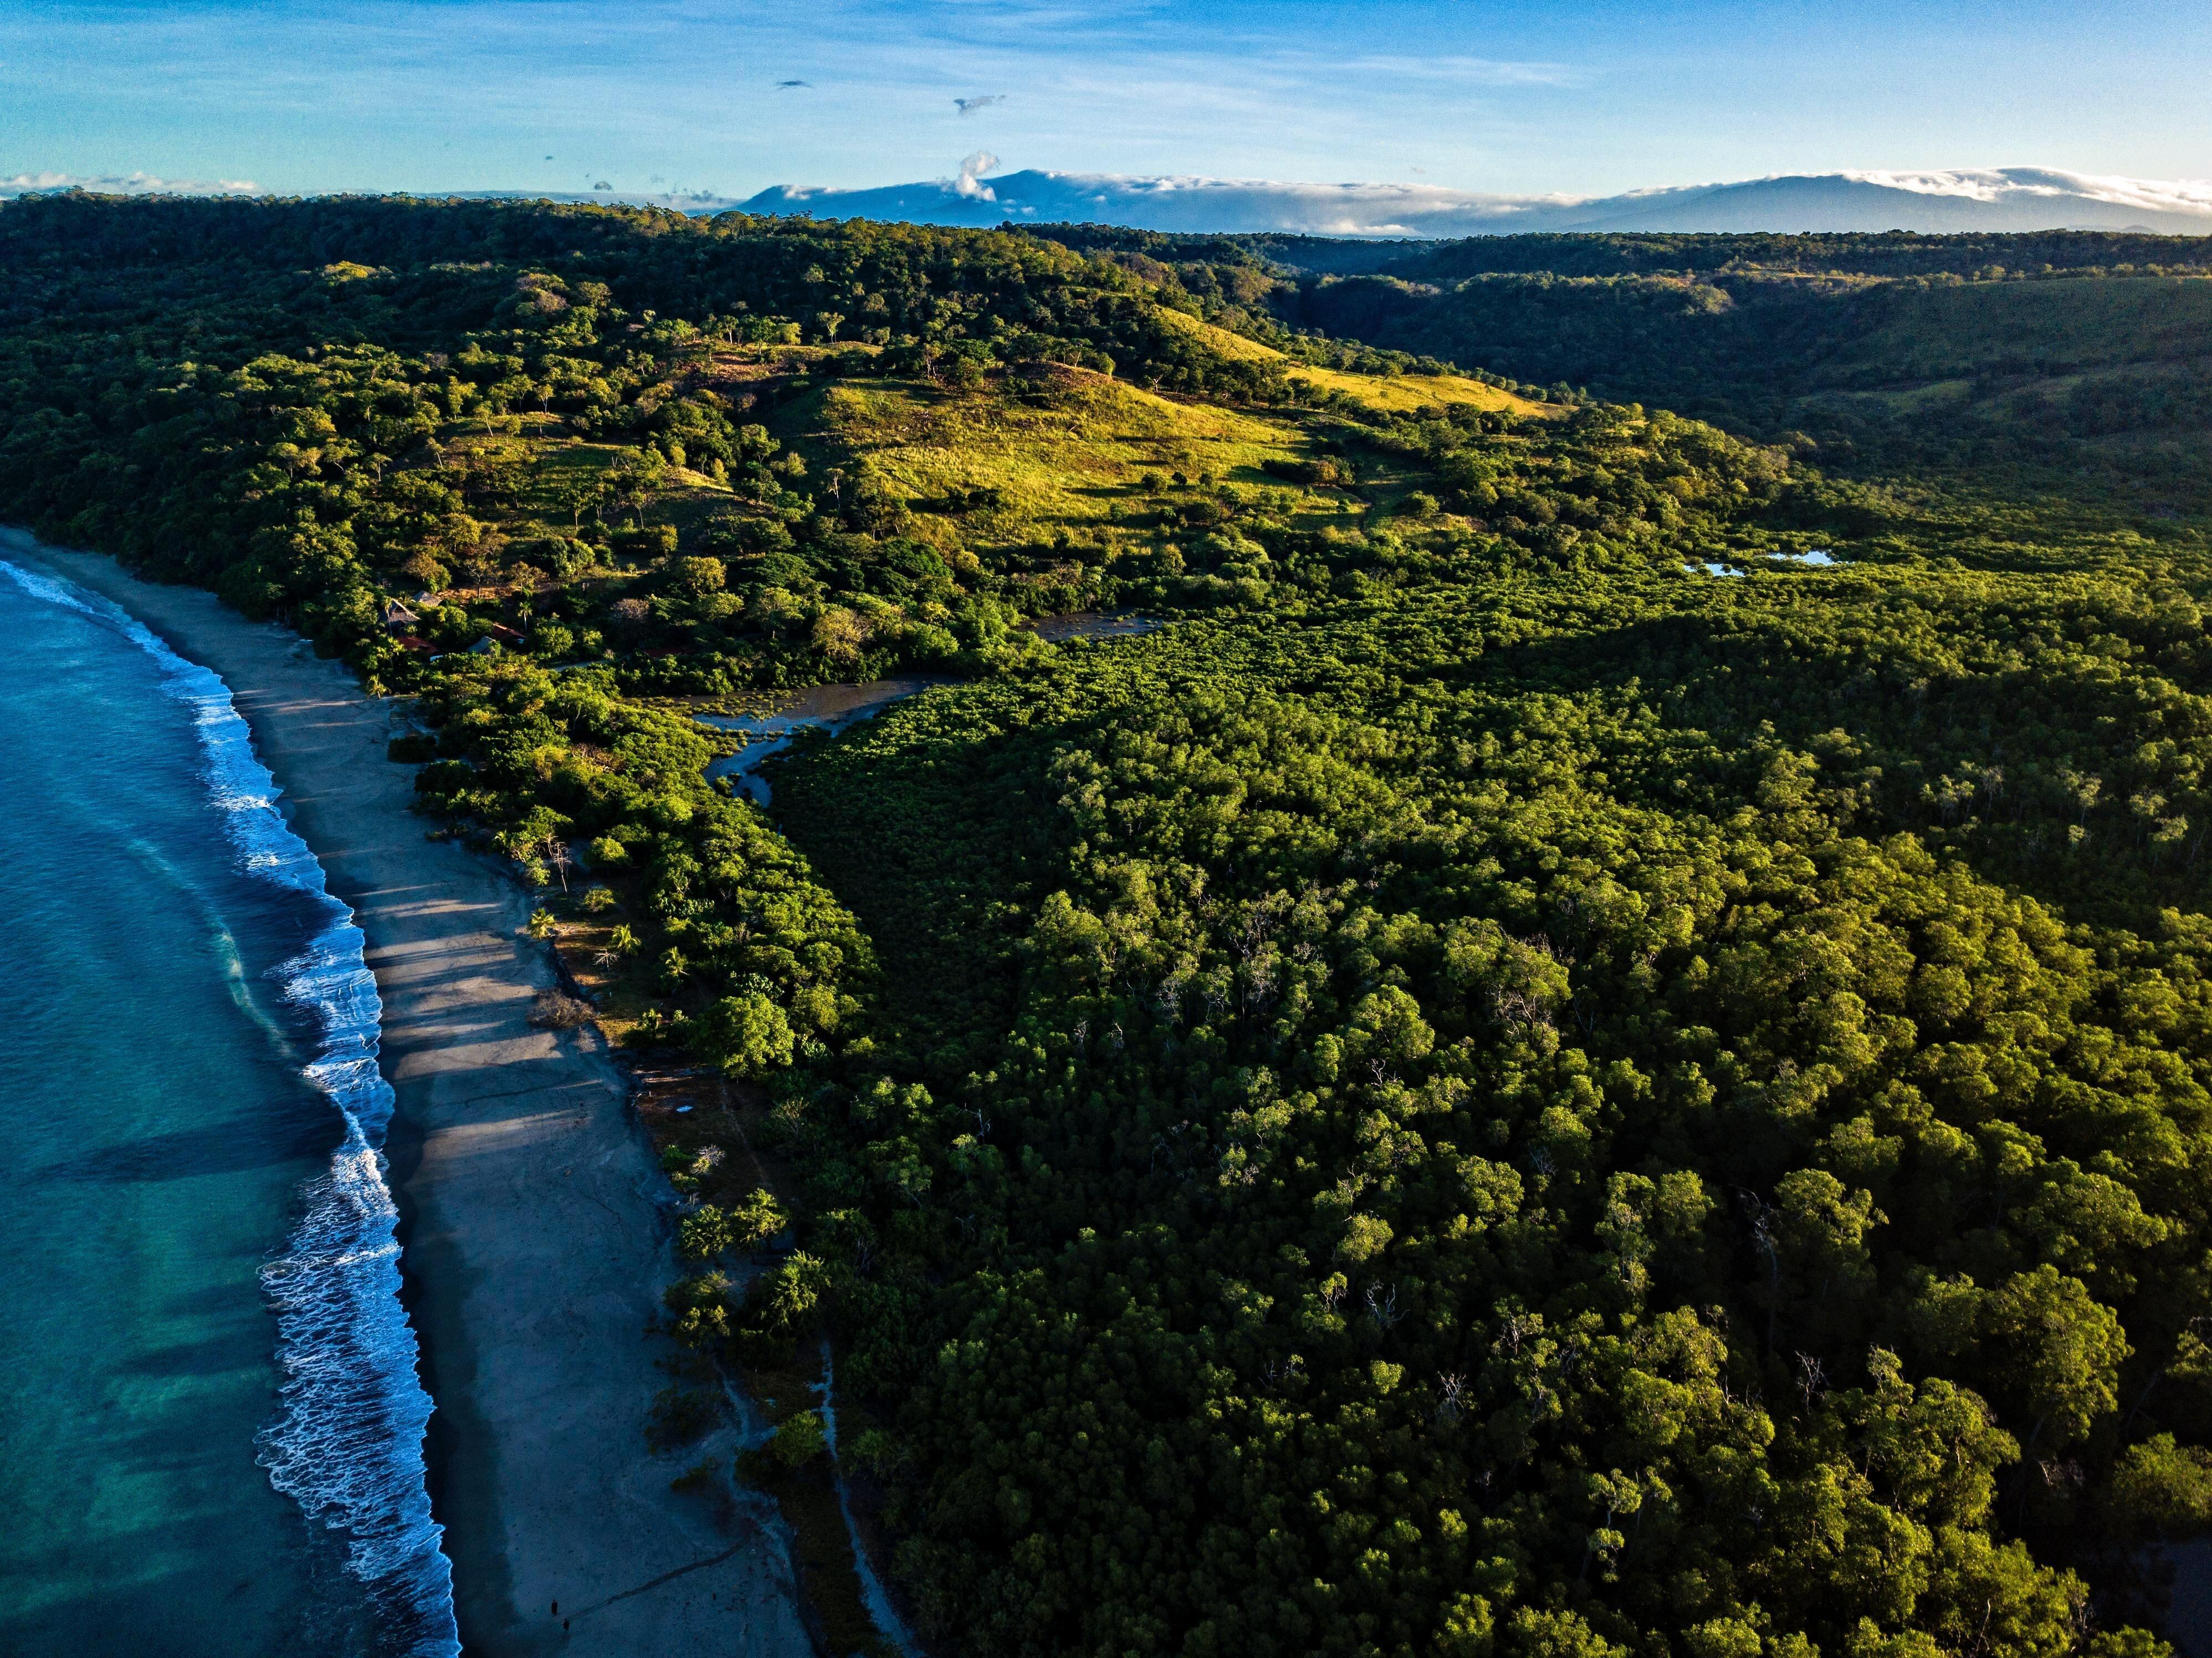 Pase su Luna de Miel Disfrutando de la Tranquilidad y la Belleza Natural de Costa Rica